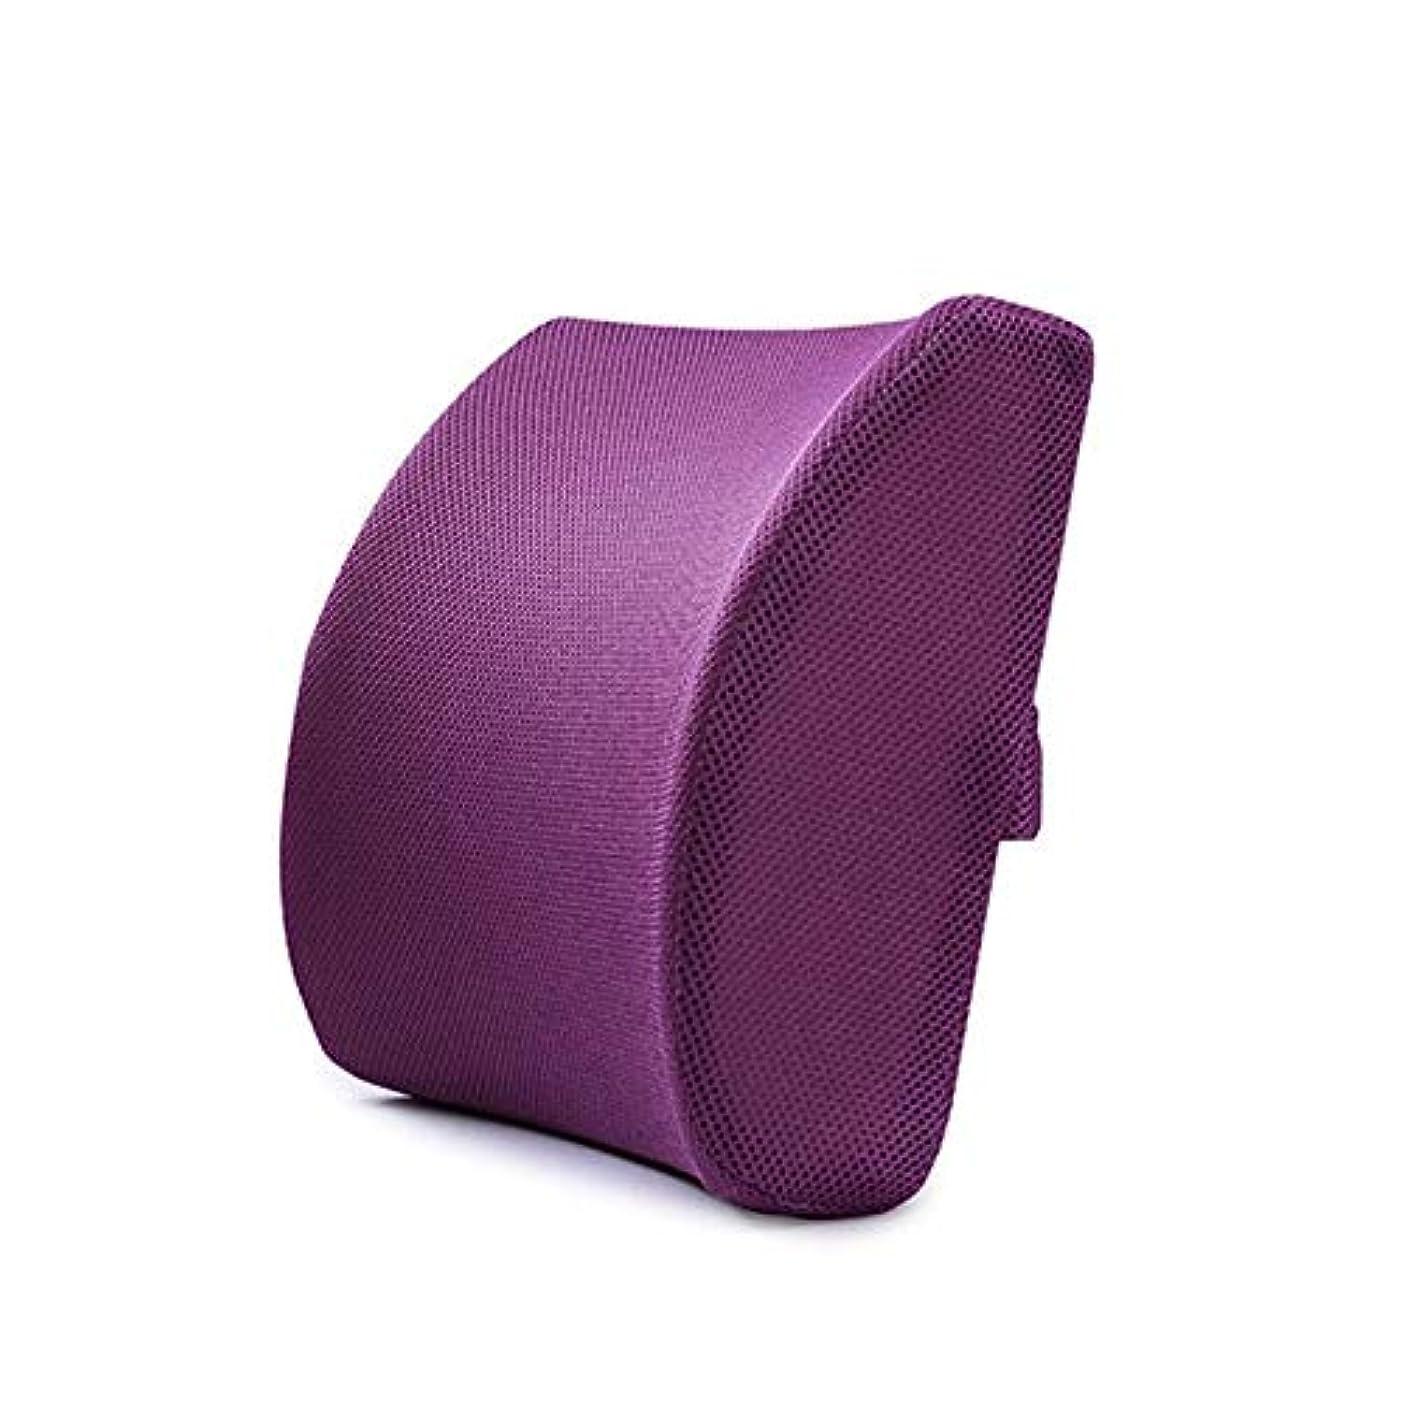 木お酢ストレスの多いLIFE ホームオフィス背もたれ椅子腰椎クッションカーシートネック枕 3D 低反発サポートバックマッサージウエストレスリビング枕 クッション 椅子